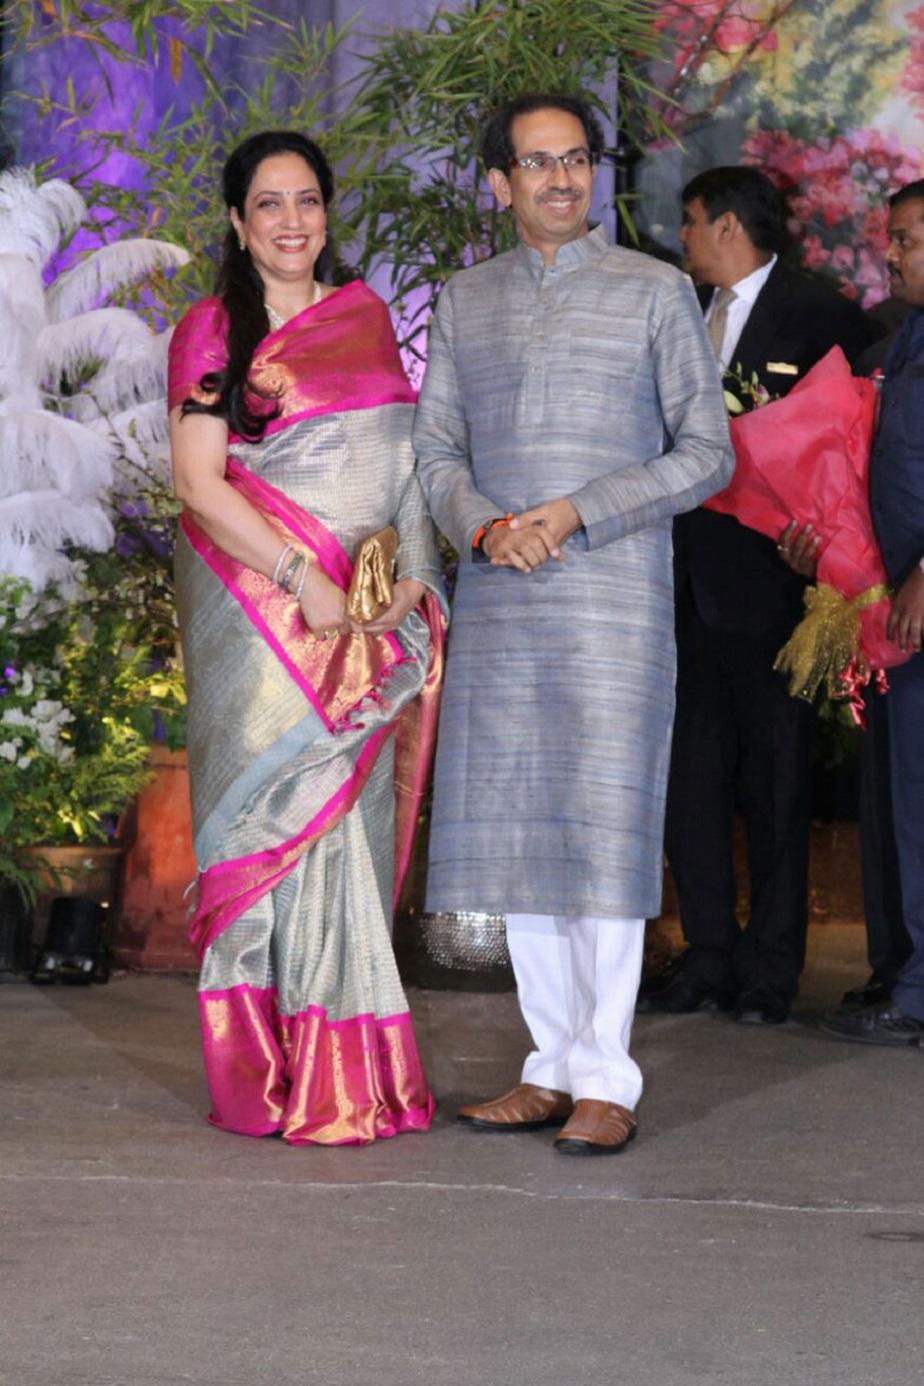 ಉದ್ದವ್ ಠಾಕ್ರೆ ಮತ್ತು ರಶ್ಮಿ ಠಾಕ್ರೆ ಸೋನು-ಆನಂದ್ ಆರತಕ್ಷತೆಯಲ್ಲಿ ಕಾಣಿಸಿಕೊಂಡ ರೀತಿ